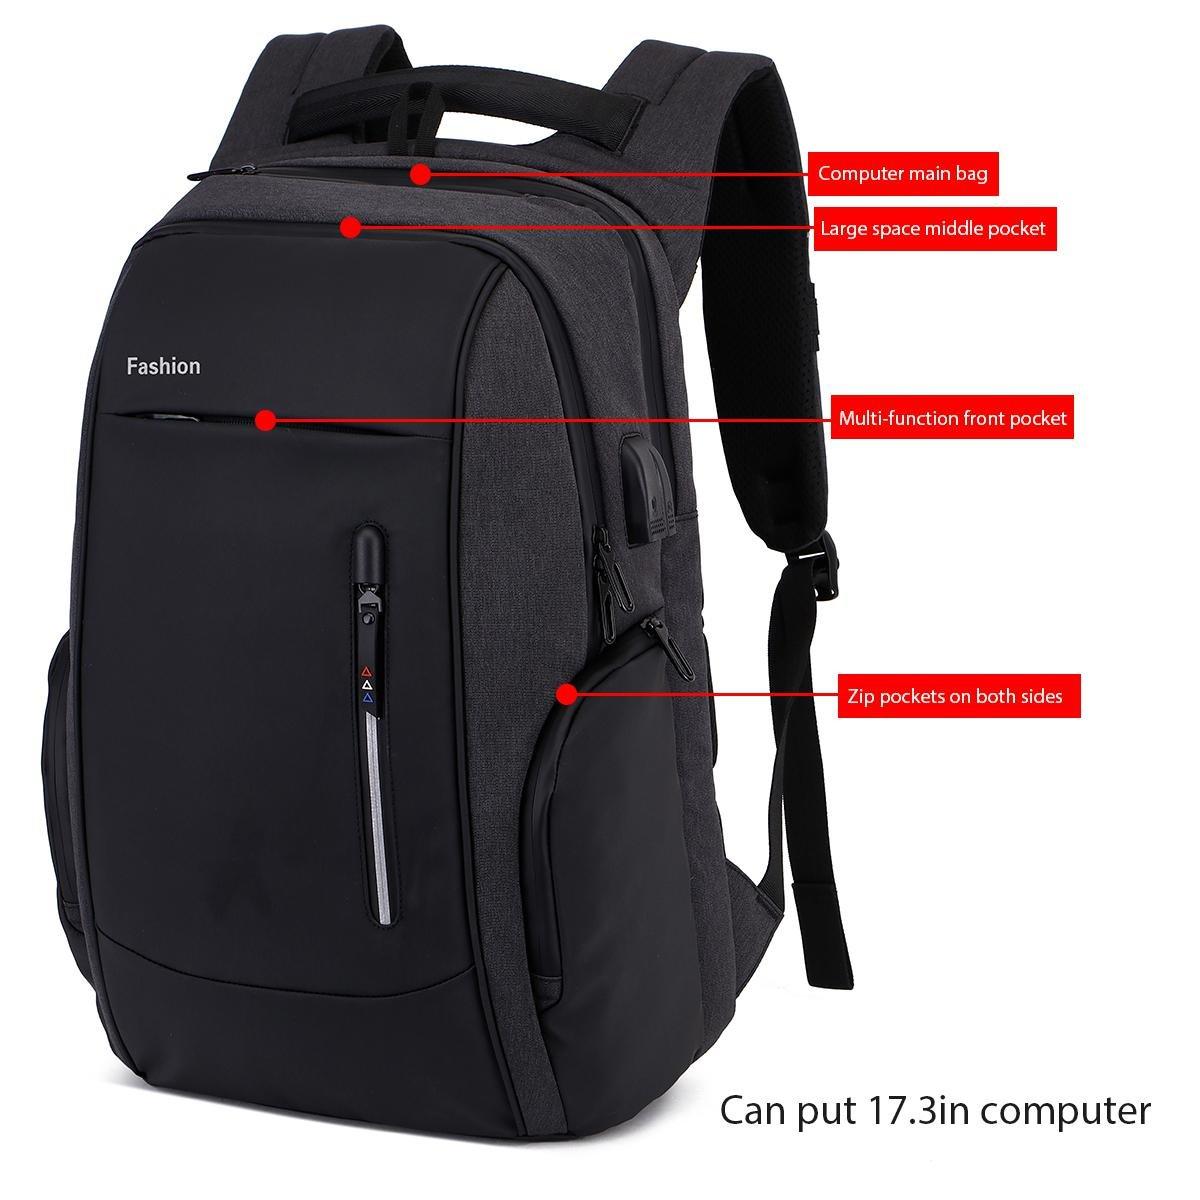 Mochila para portátiles 17 / 17.3 inch, KOBWA Mochila antirrobo Impermeable para hombres y mujeres, Anti-robo Escolares Juveniles con Puerto de Carga USB y ...